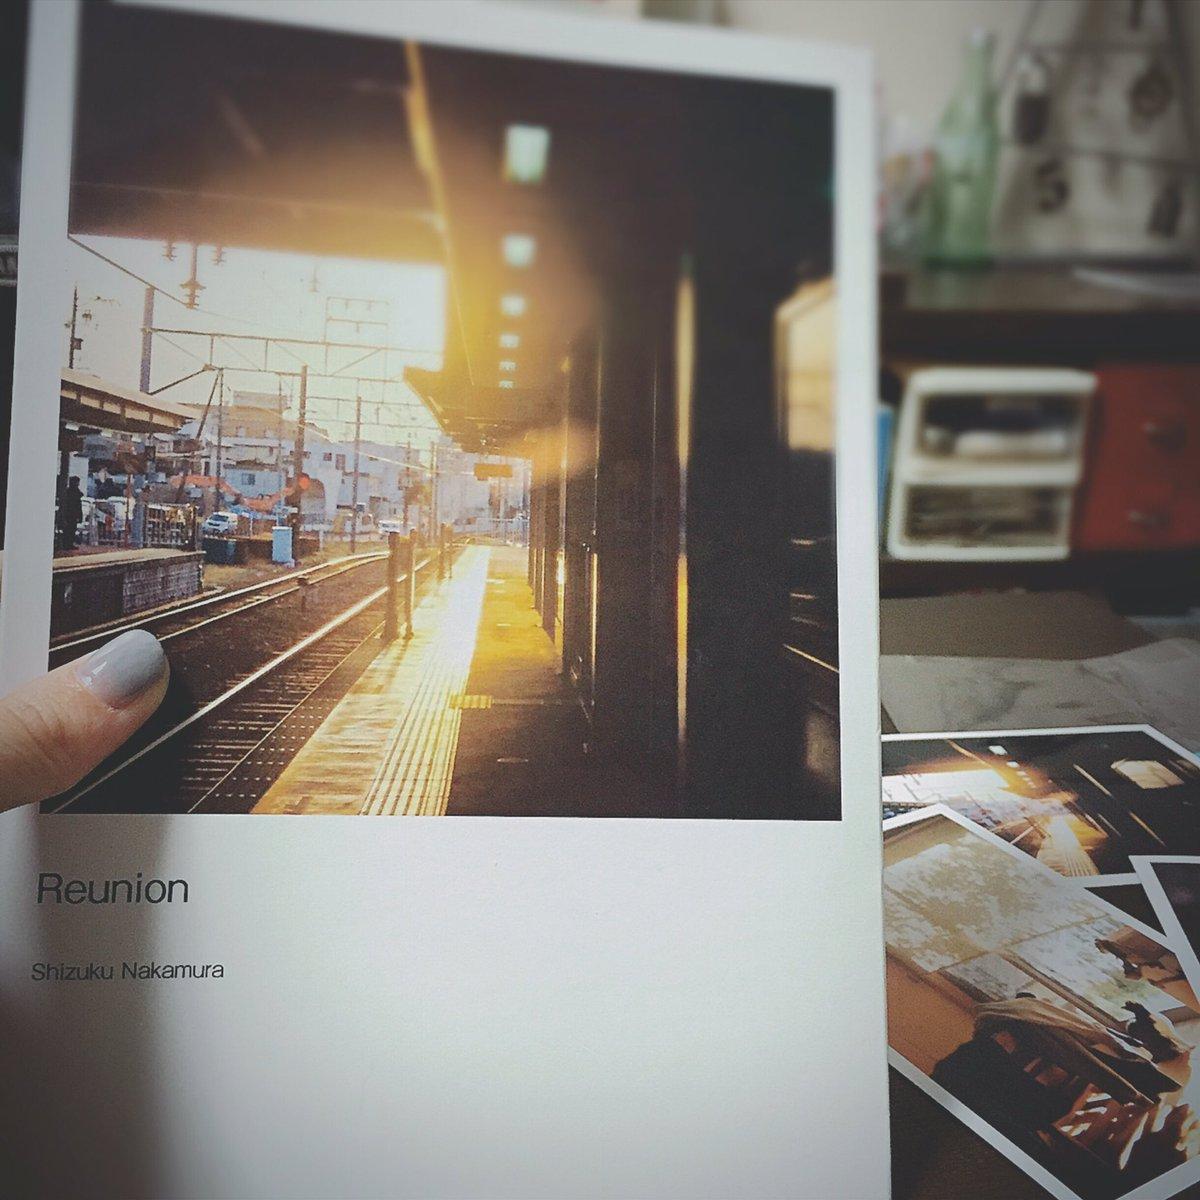 しずくちゃんのフォトブック届いた〜〜っ温かい光がいっぱい詰まってるなーっ素敵な一冊◎にやにやしてるっお手紙も写真も一緒に